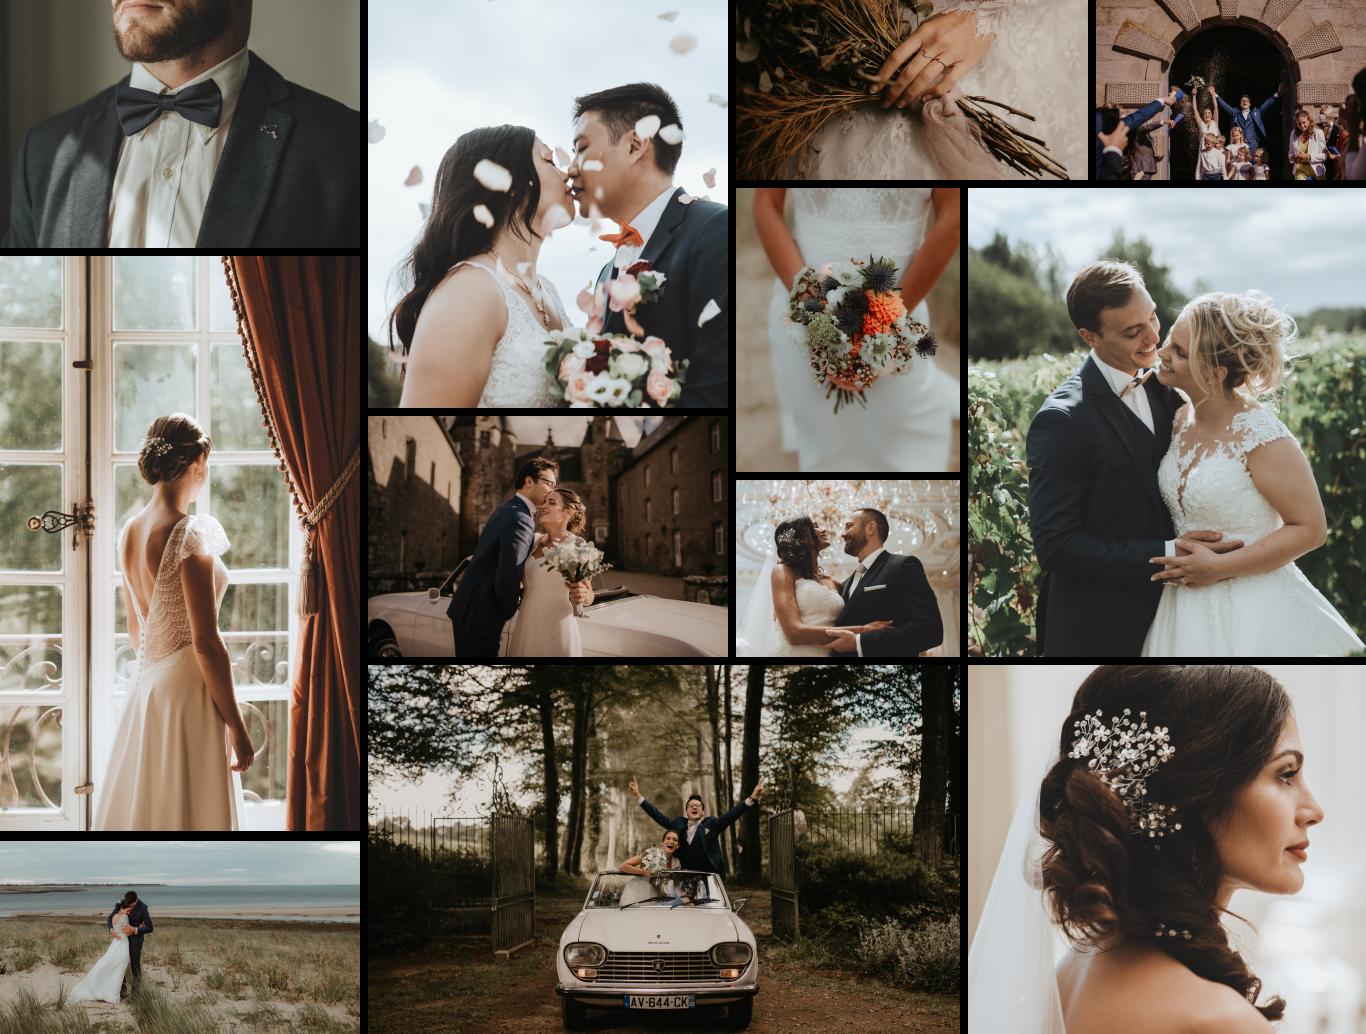 Des exemples de photos de mariage